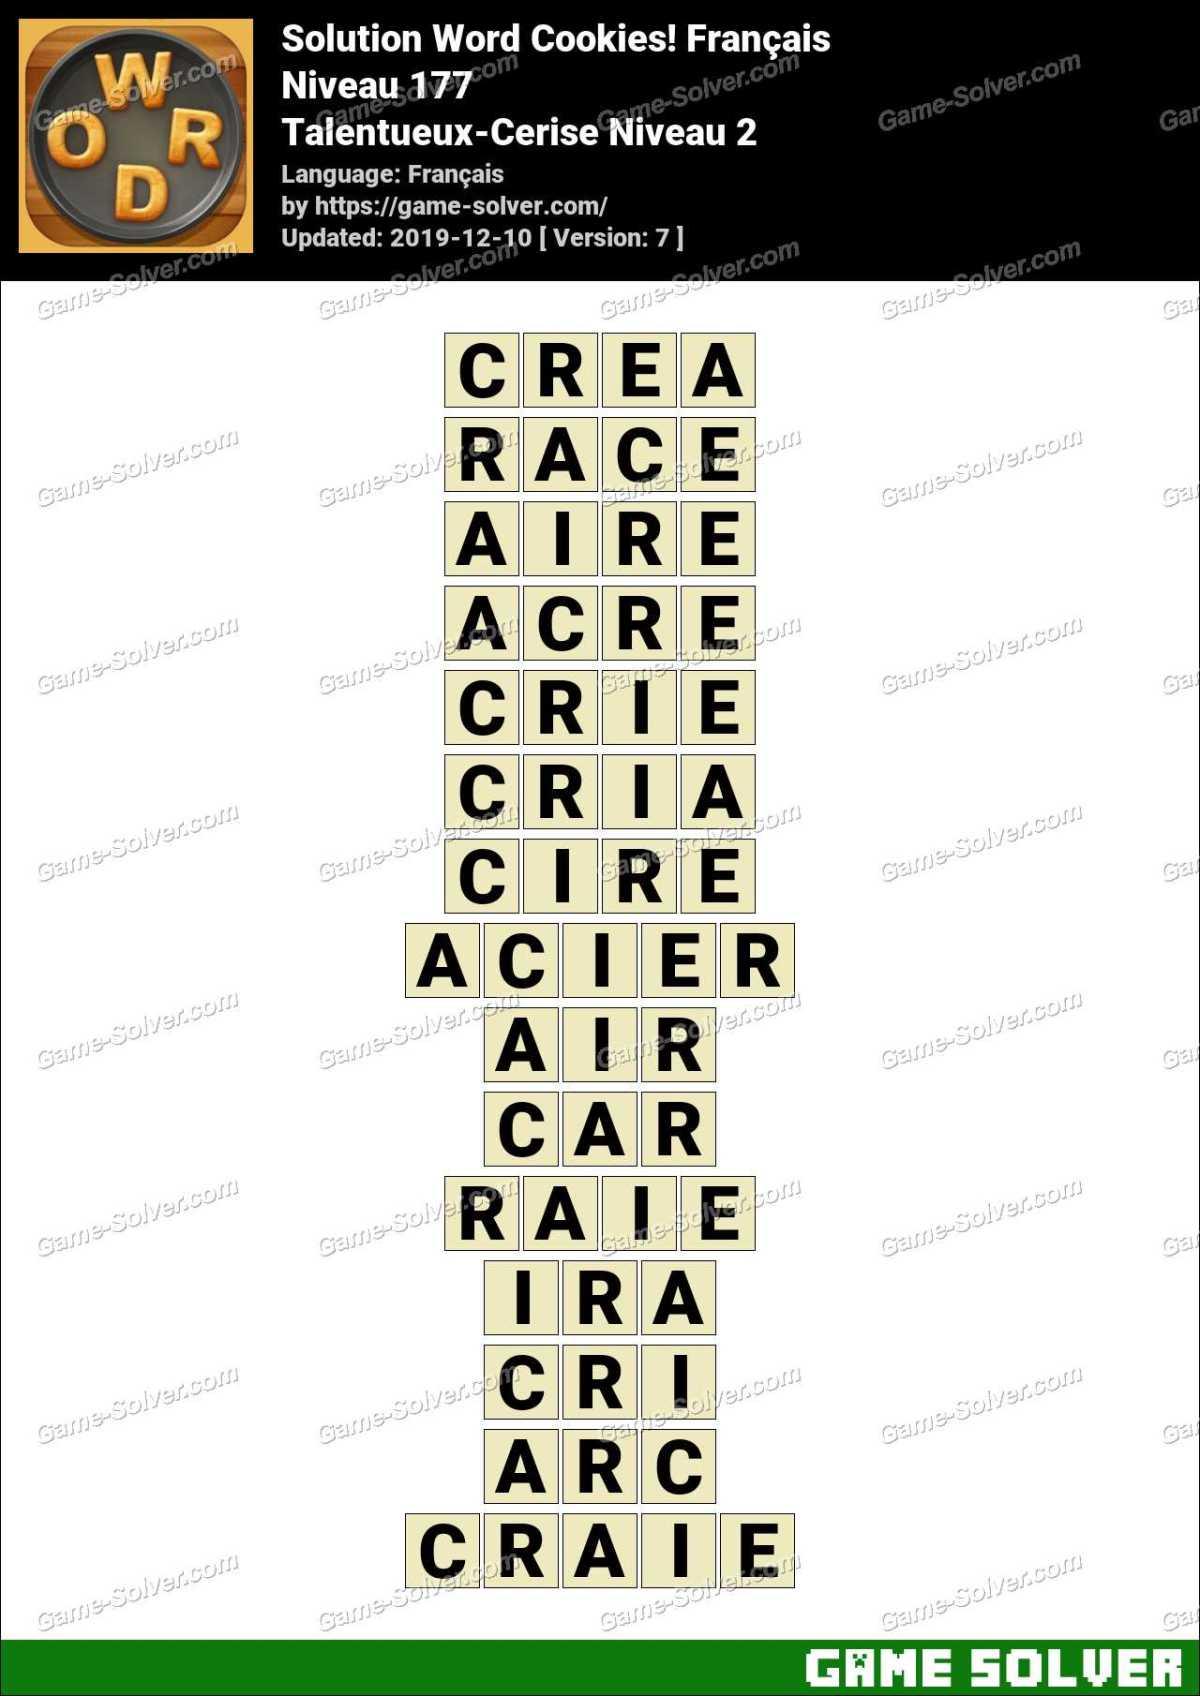 Solution Word Cookies Talentueux-Cerise Niveau 2